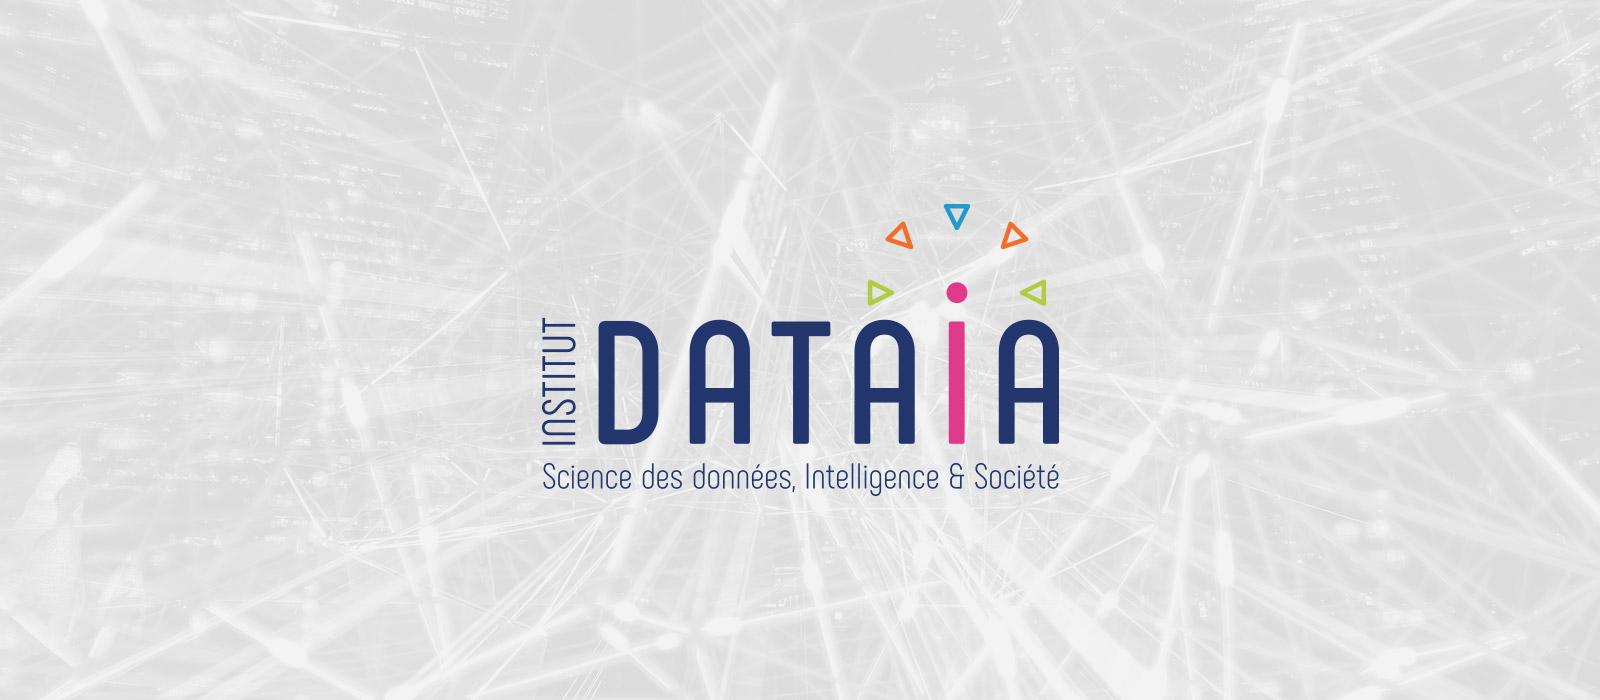 Logotype de l'Institut DATAIA